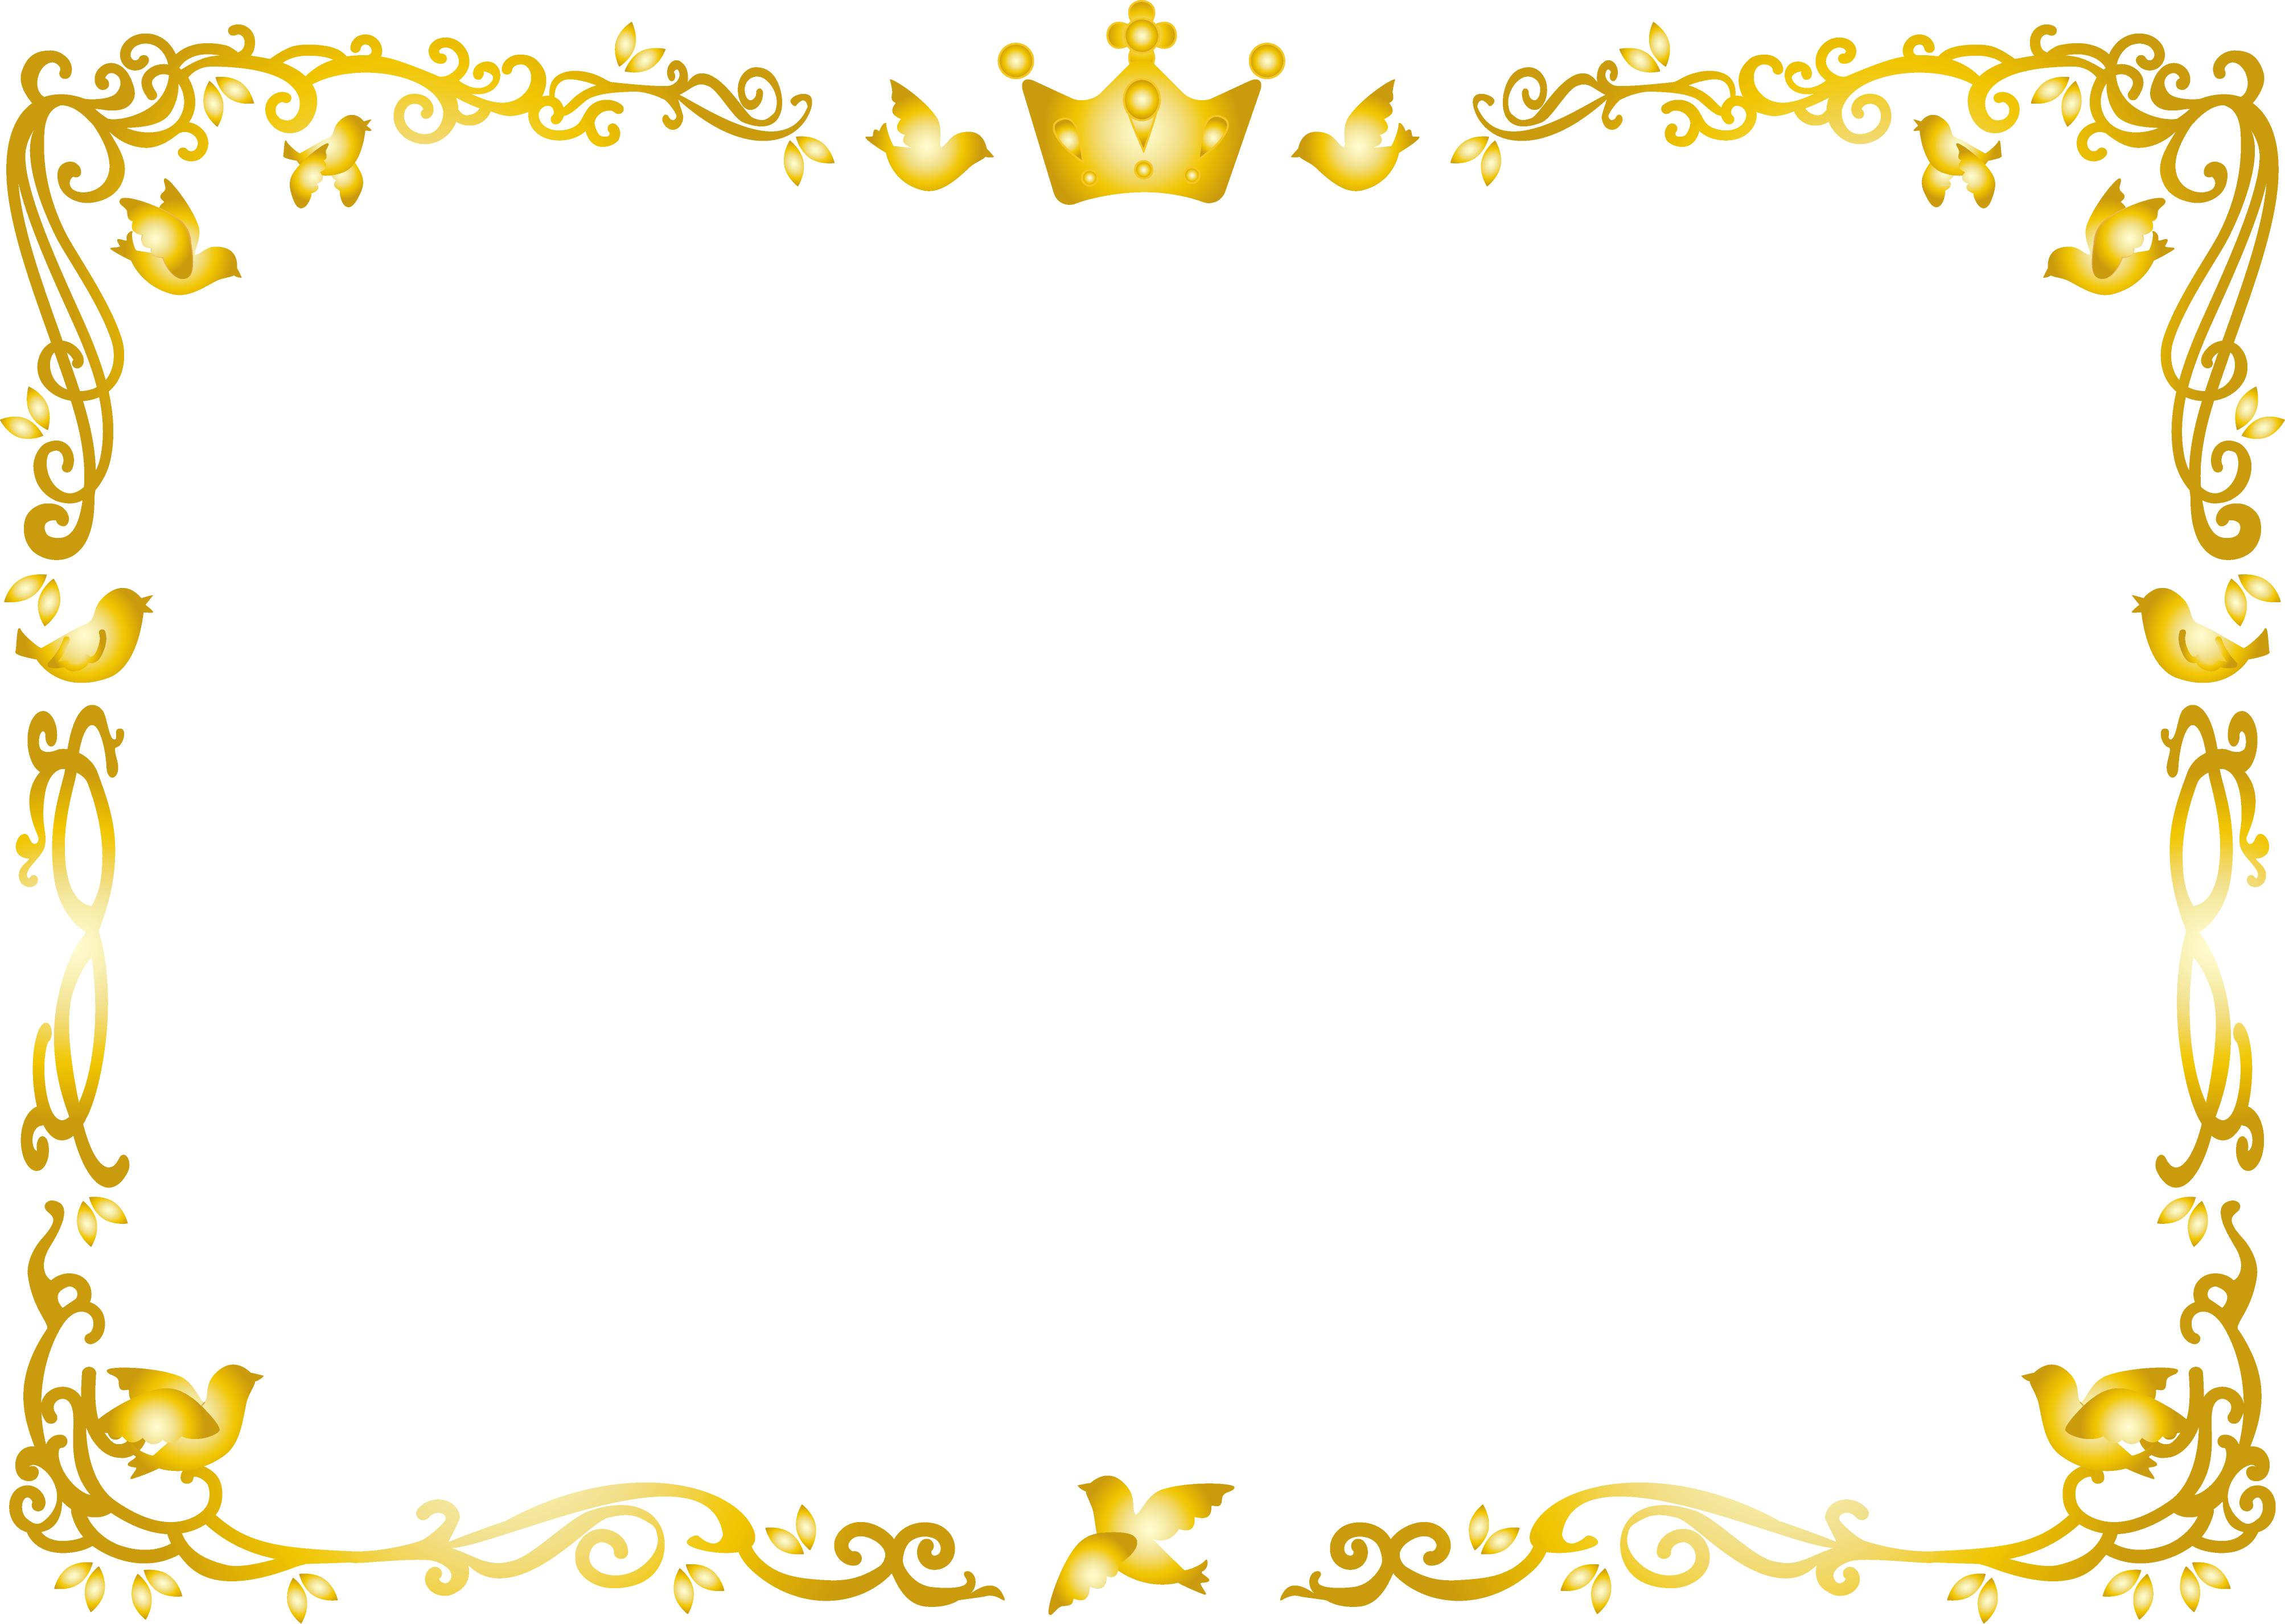 かわいい賞状枠・表彰状 イラストpng画像テンプレート 無料